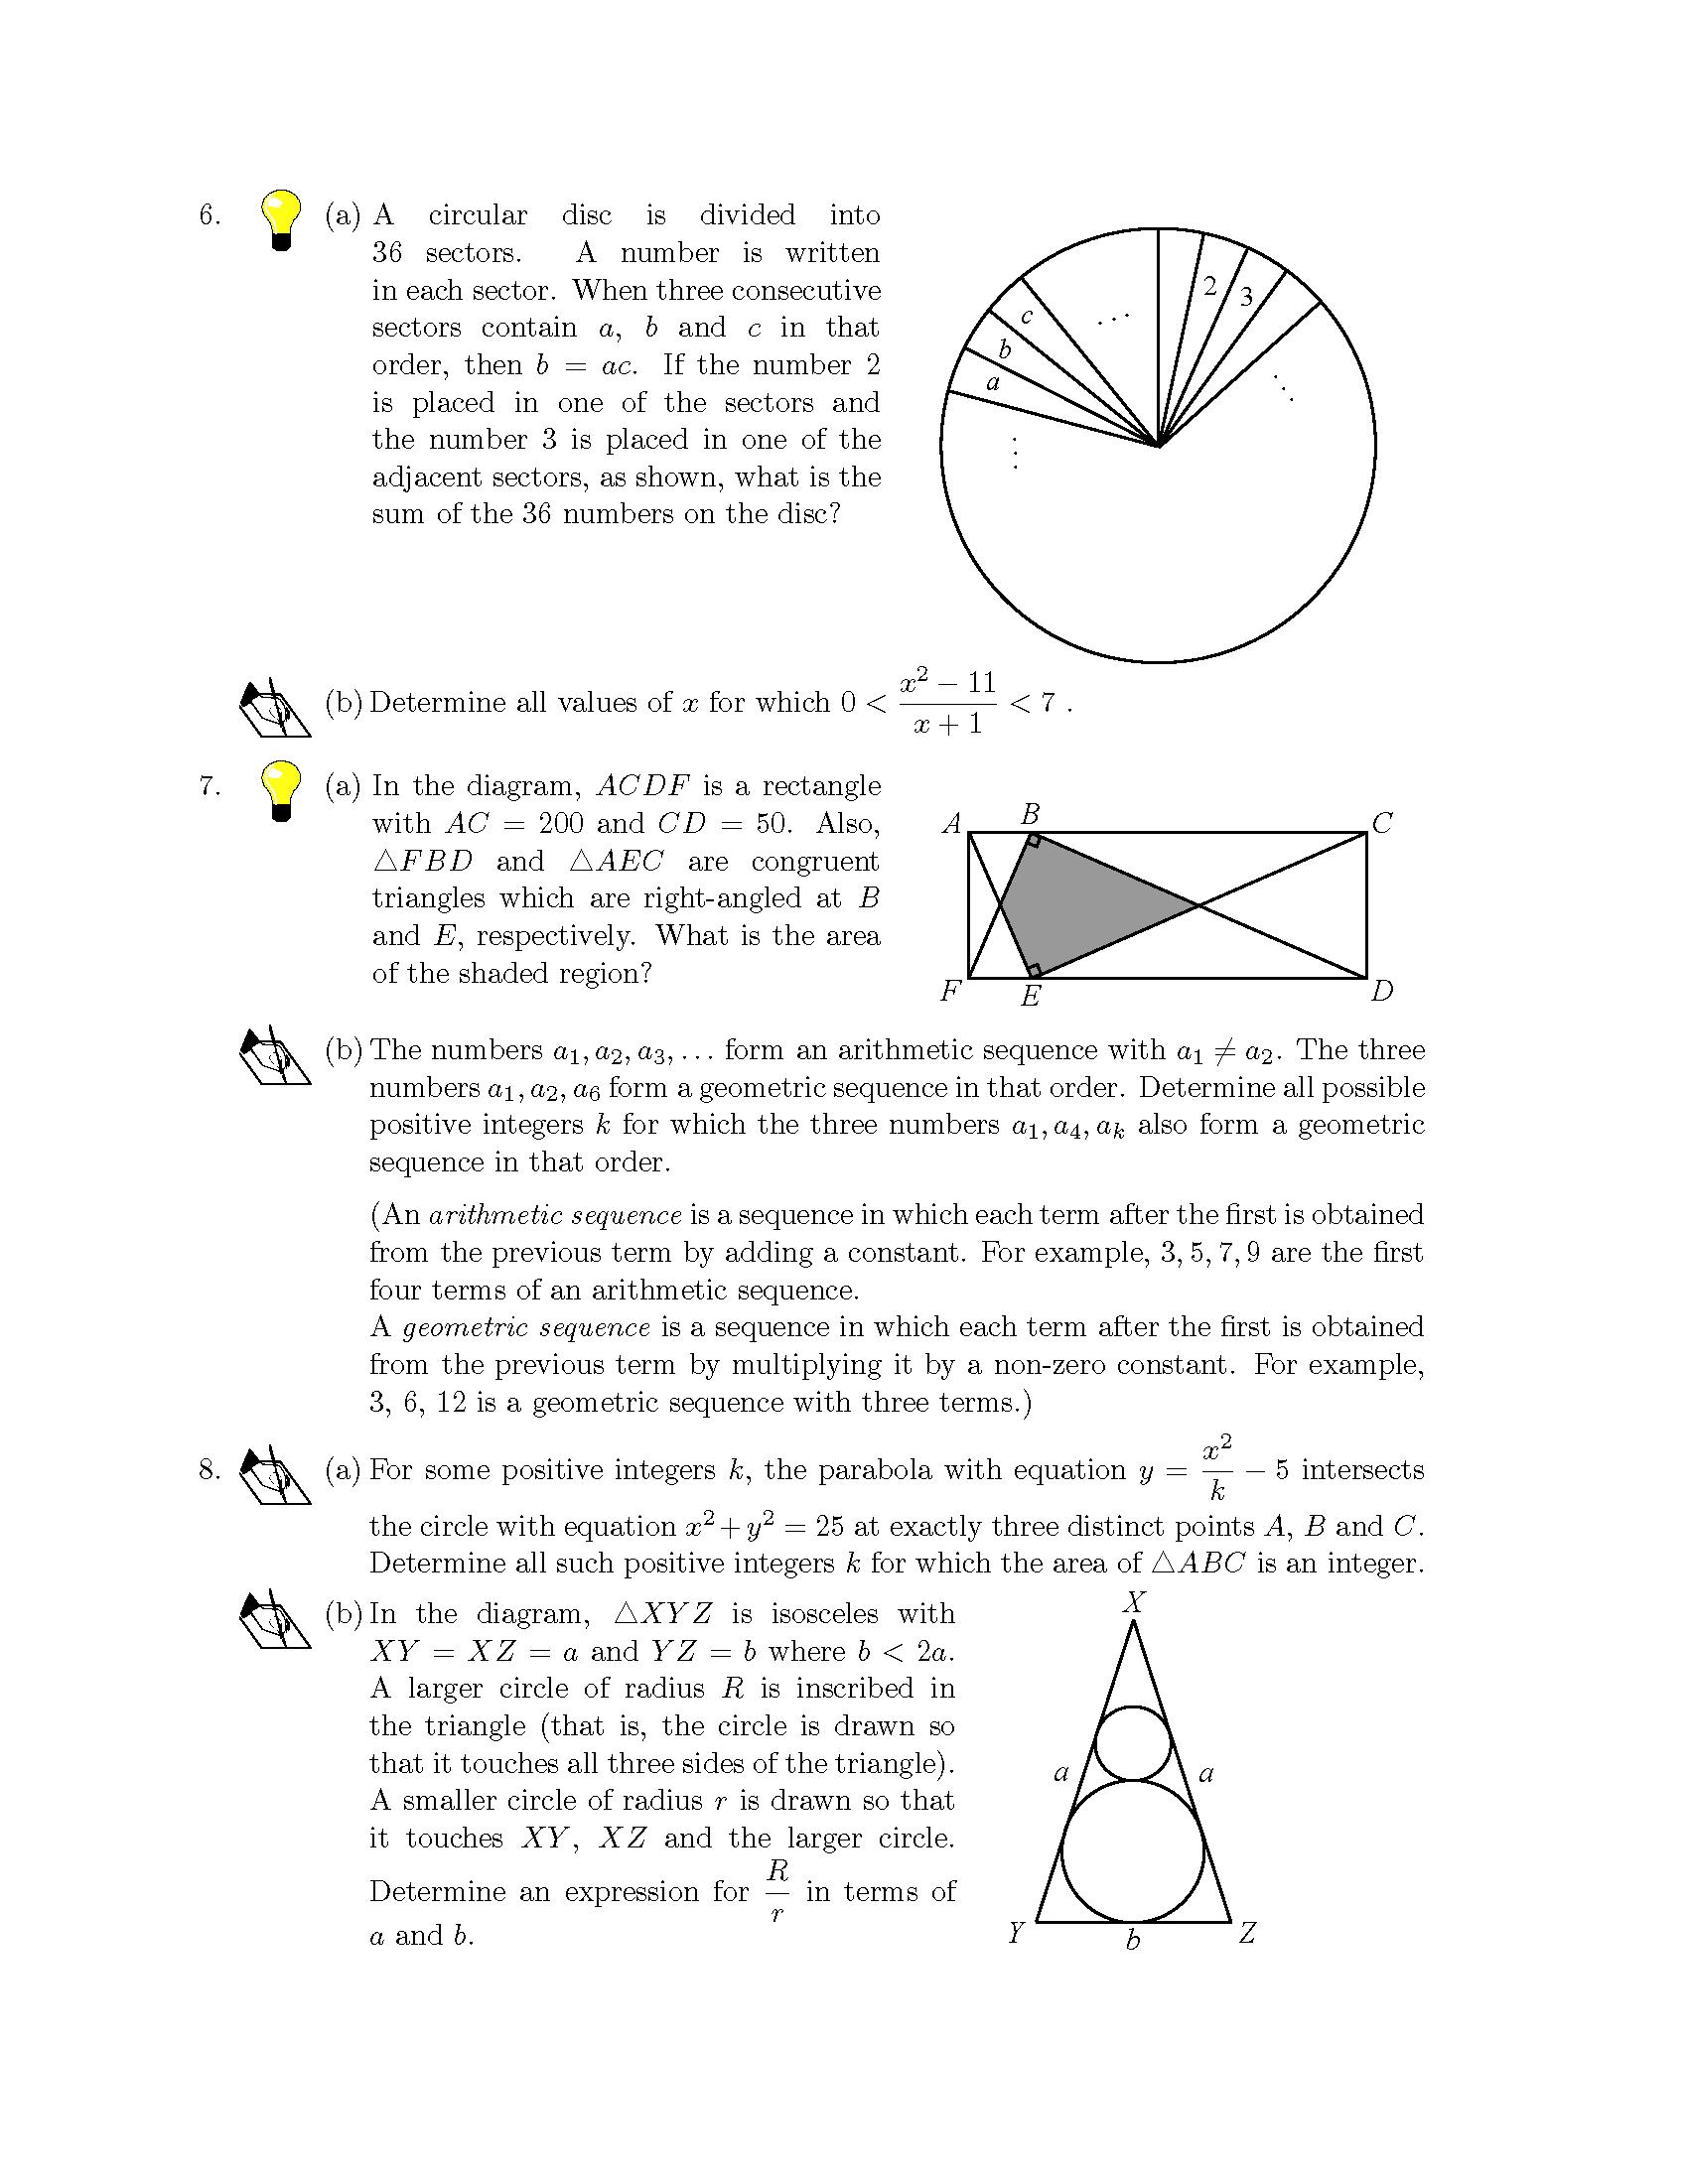 加拿大数学竞赛CMC-Euclid欧几里德数学竞赛2015年真题